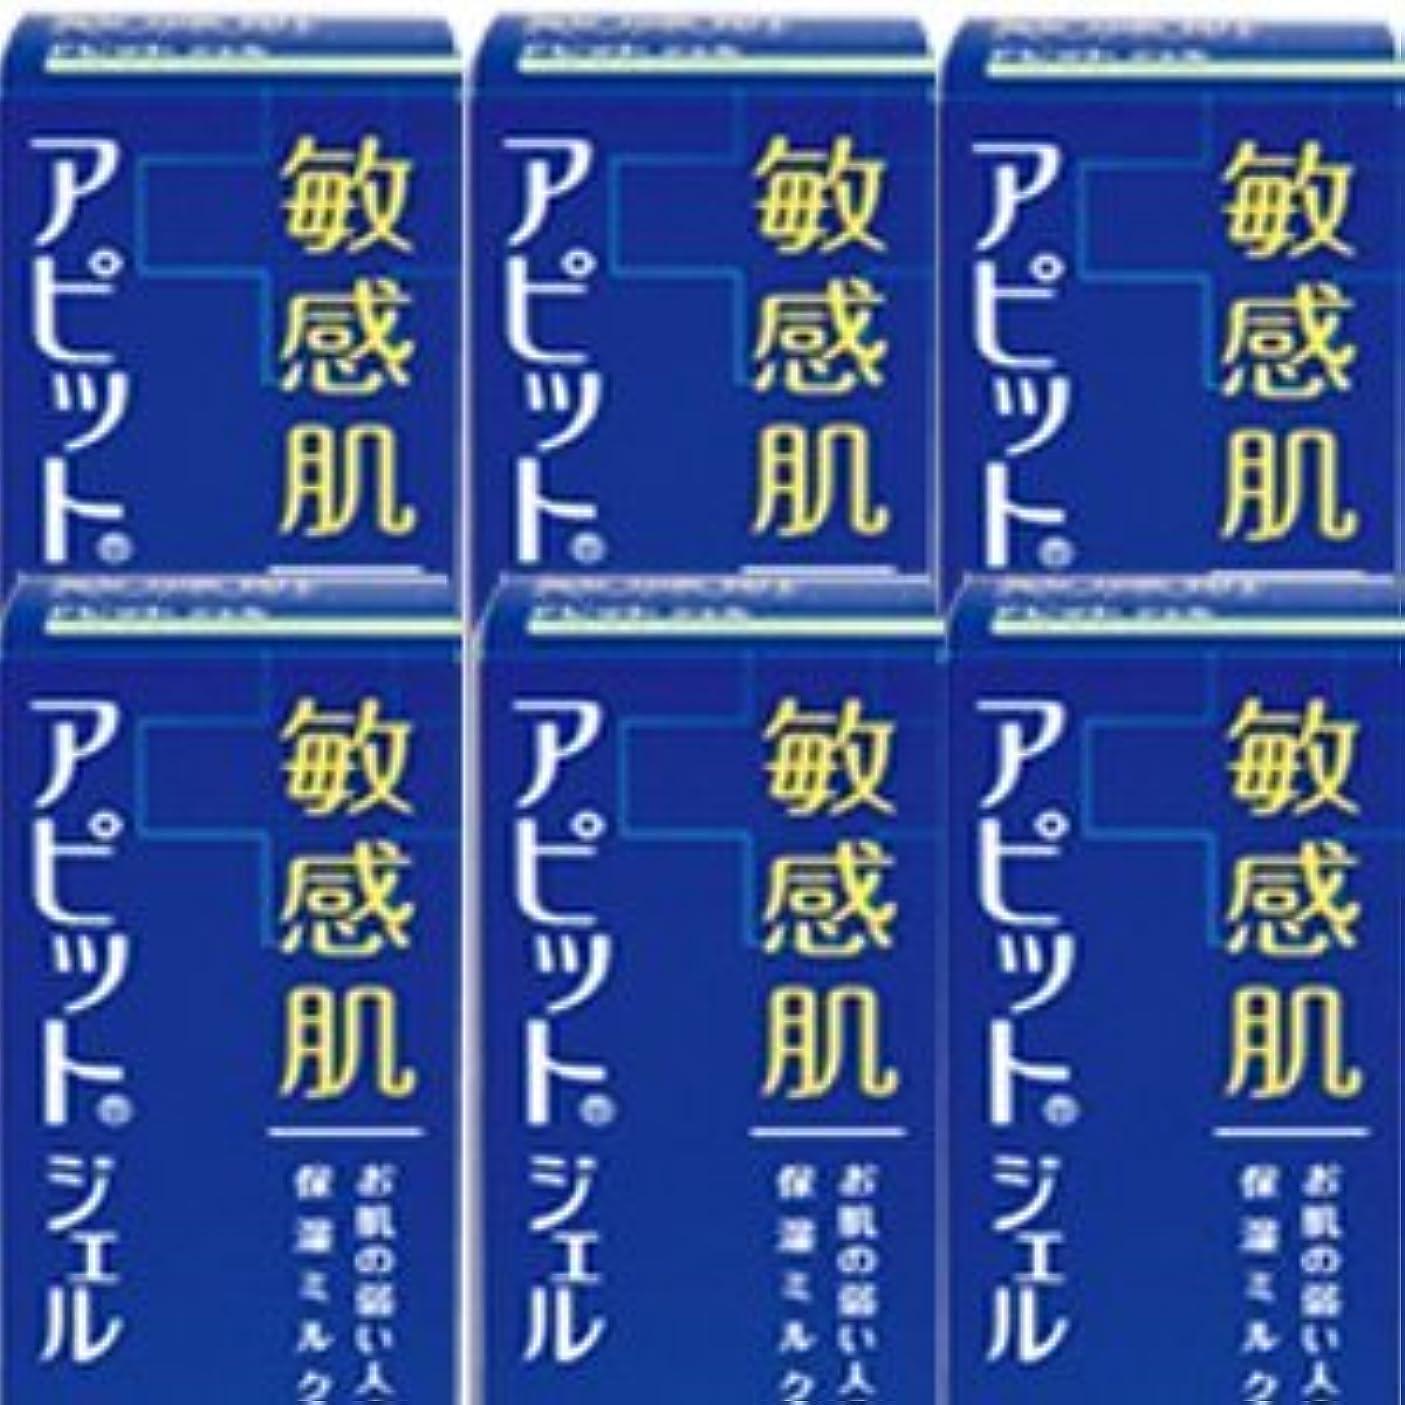 スタンド路地感嘆符【6個】全薬工業 アピットジェルS 120mlx6個セット (4987305034625)